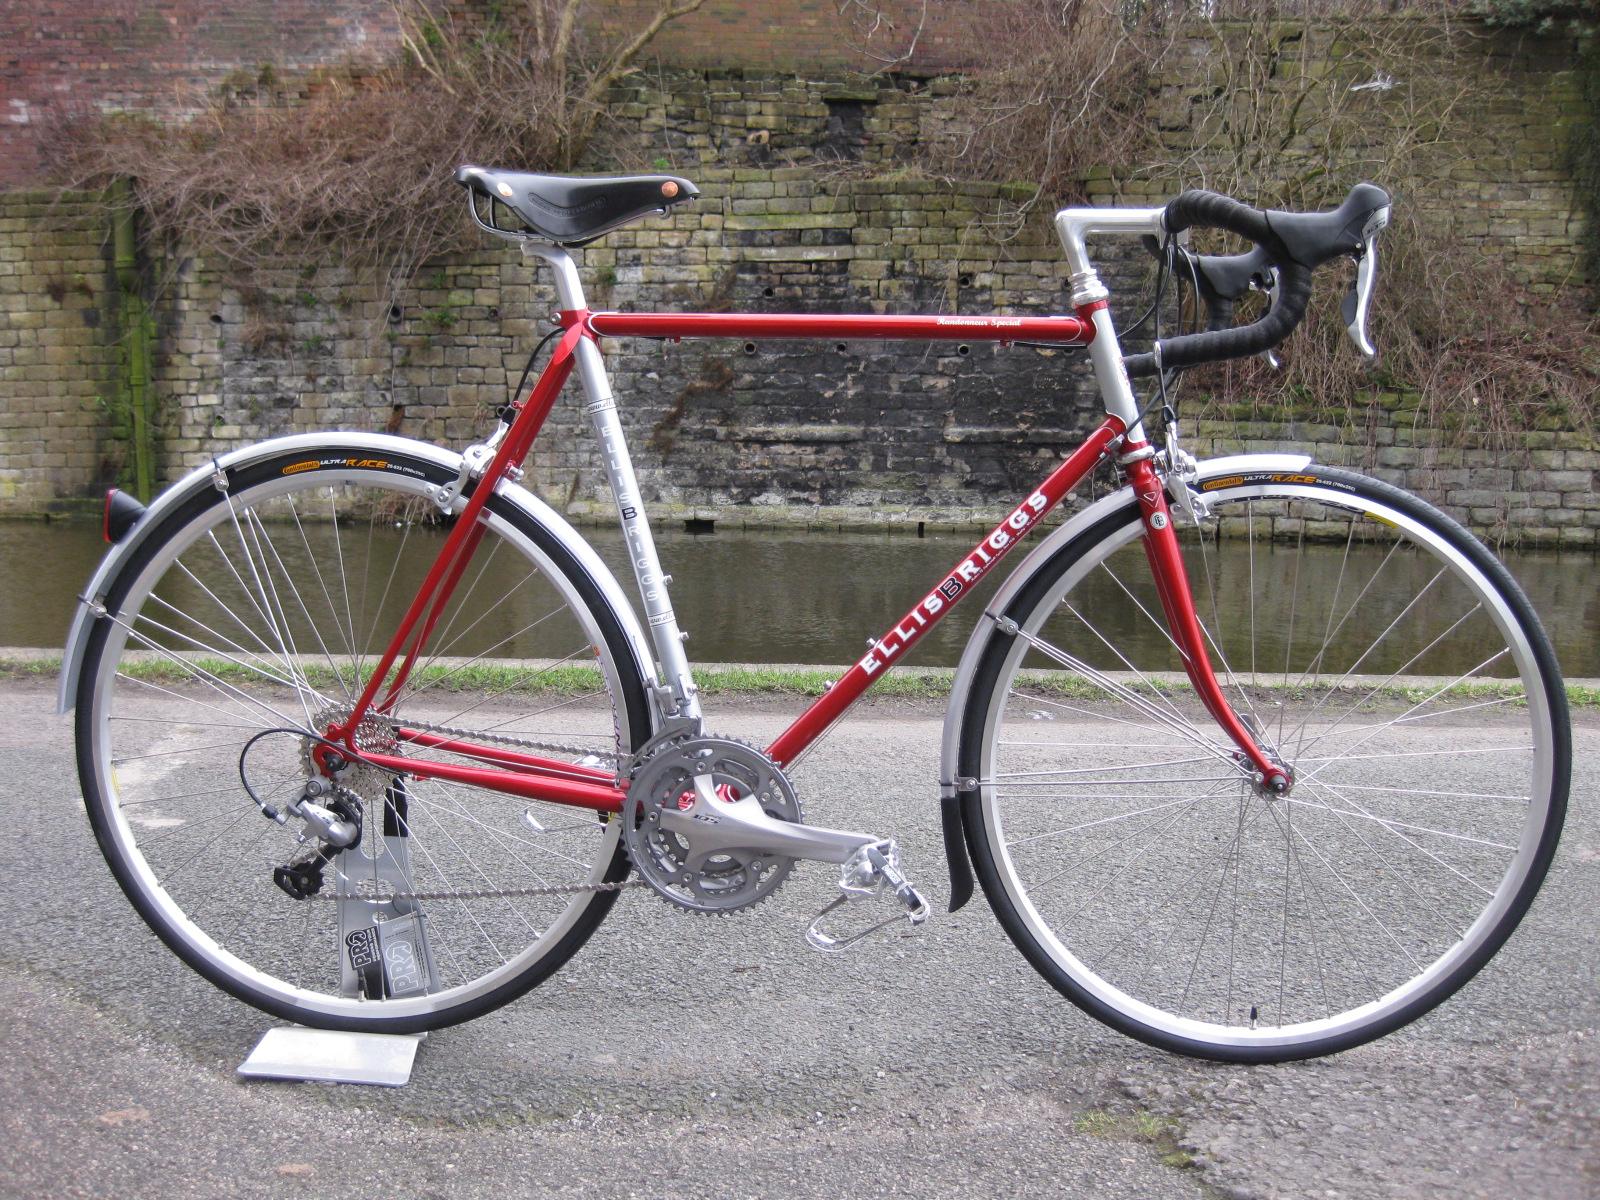 What is an Audax/Randonneur bike? - Ellis Briggs Cycles